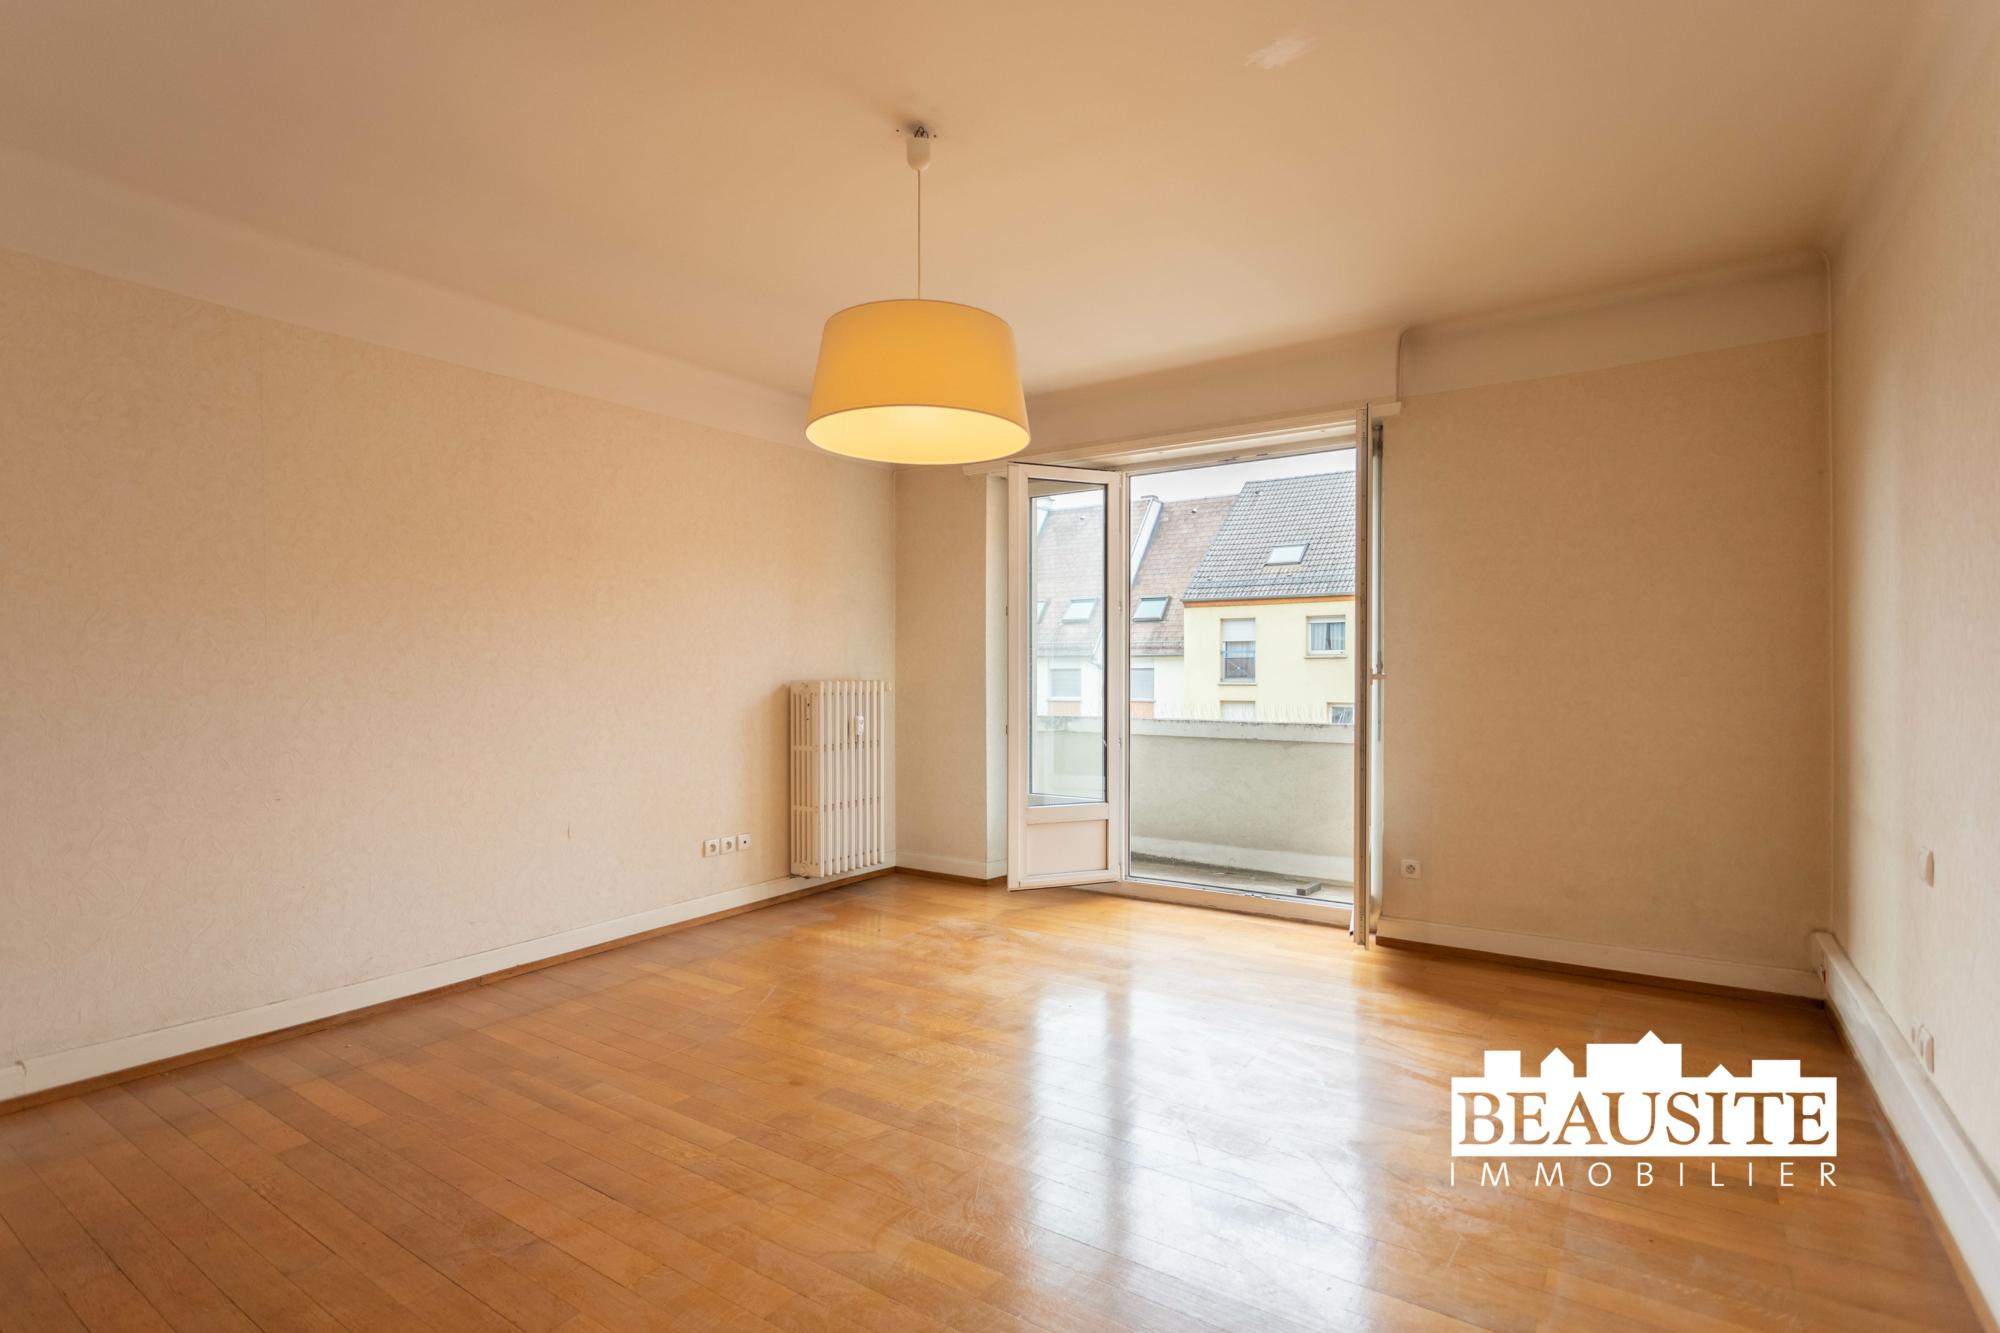 [Prosper] Le local professionnel qu'il vous faut… pour que votre activité prospère ! - Strasbourg / boulevard Wilson - nos ventes - Beausite Immobilier 11